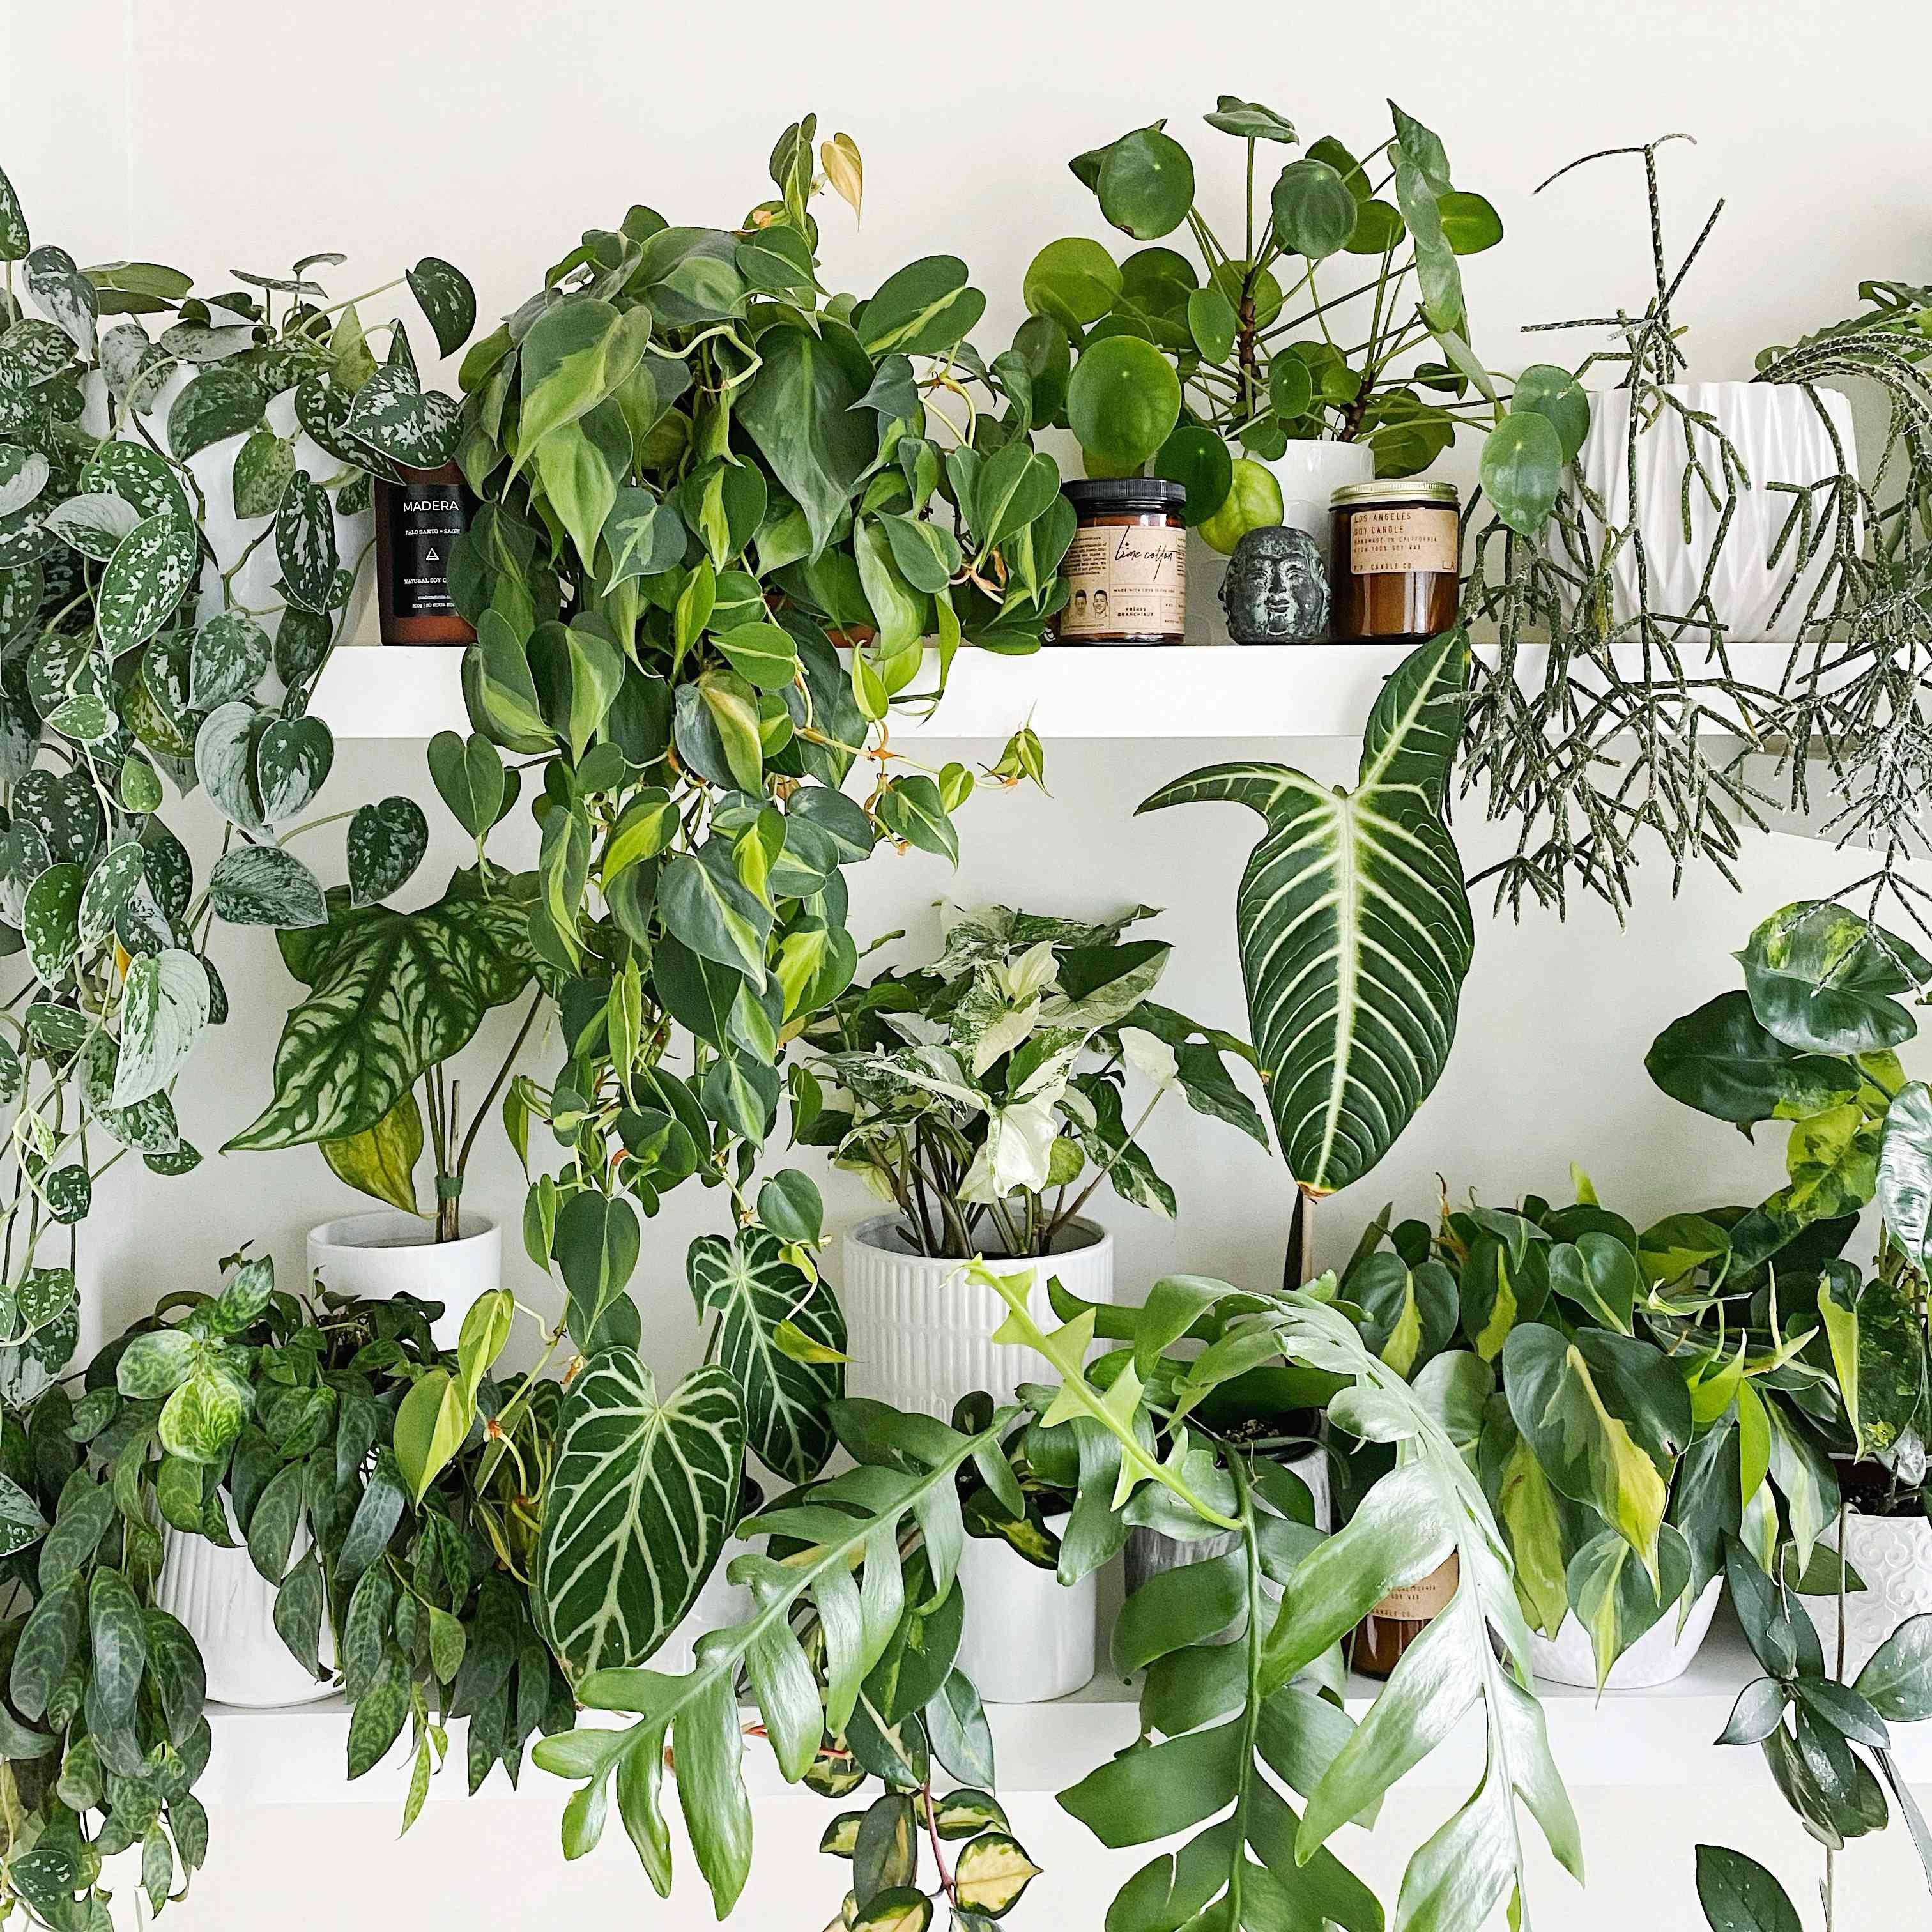 Gorgeous plant arrangement on a plant shelfie by Dorrington Reid, @dorringtonr #PlantShelfie